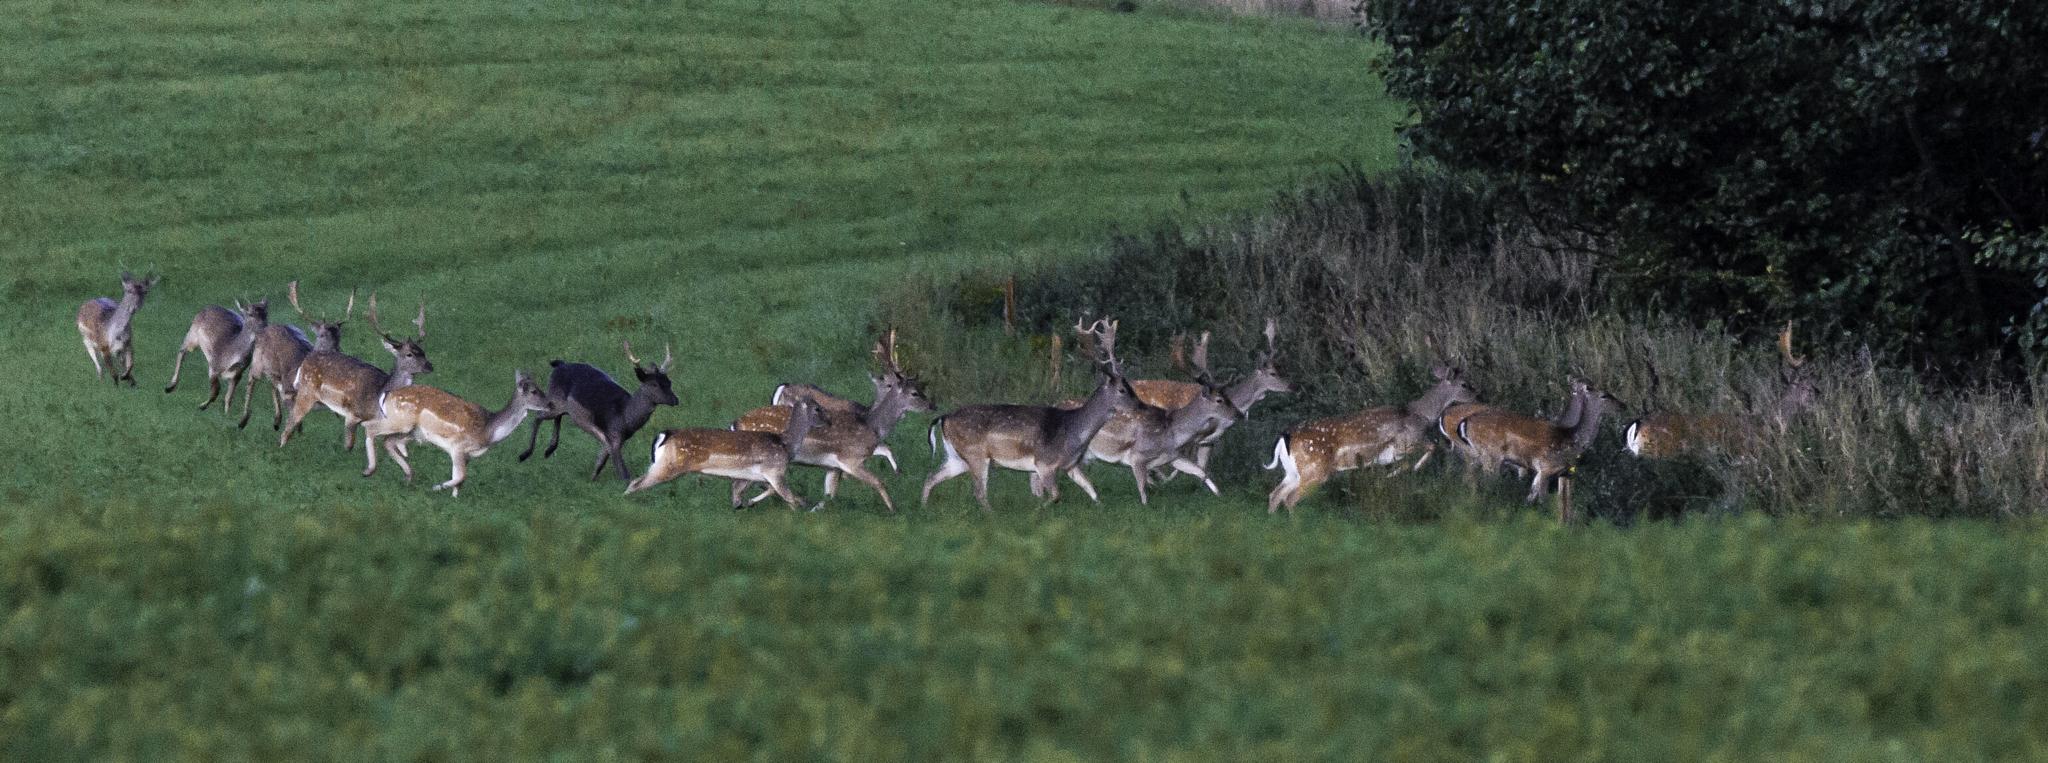 A herd of fallow deer running amok by digitu2